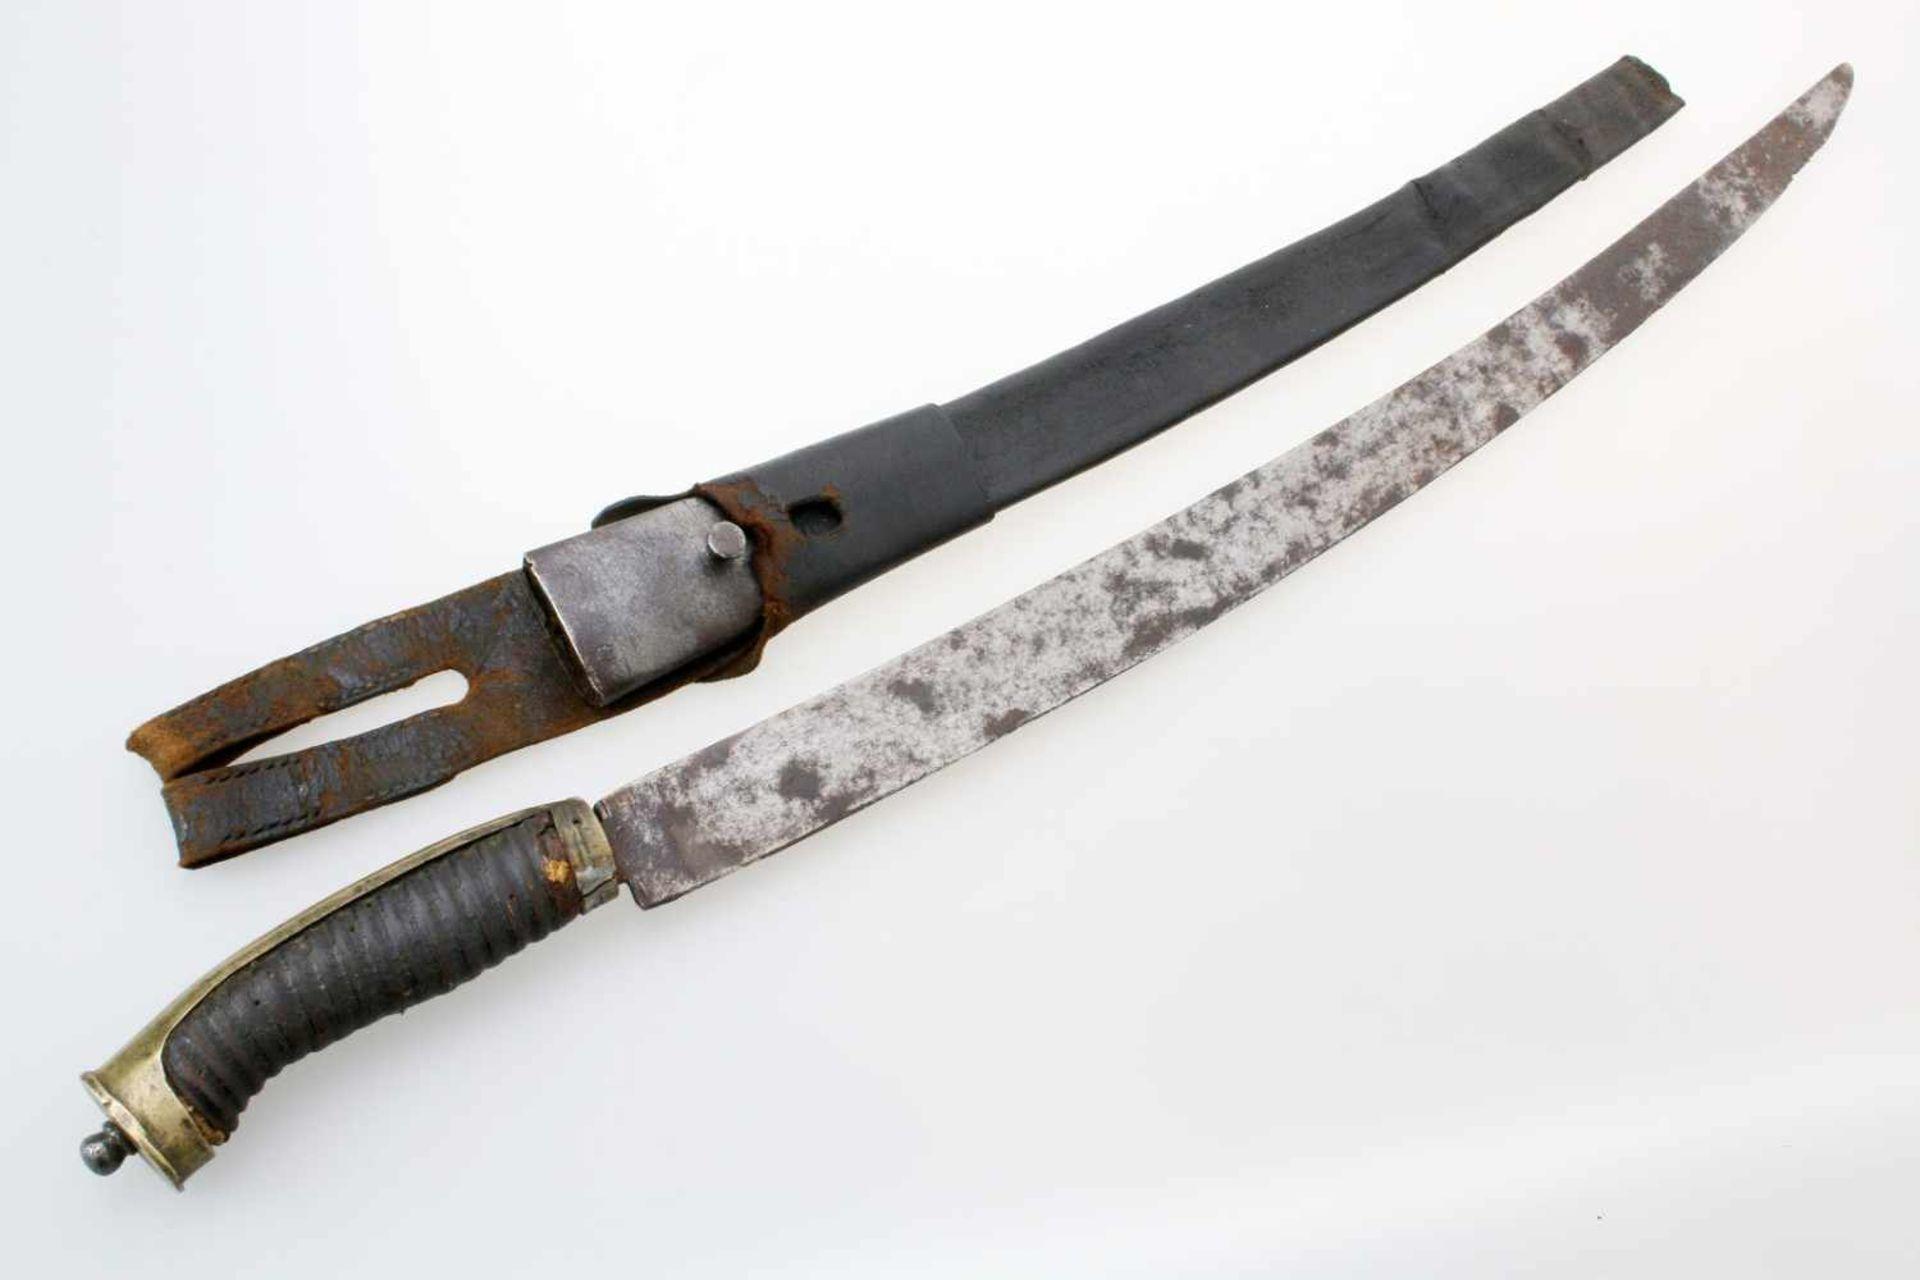 Grenadier-Säbel um 1800Leicht gekrümmte Rückenklinge. Die belederte Holzhilze messingmontiert.